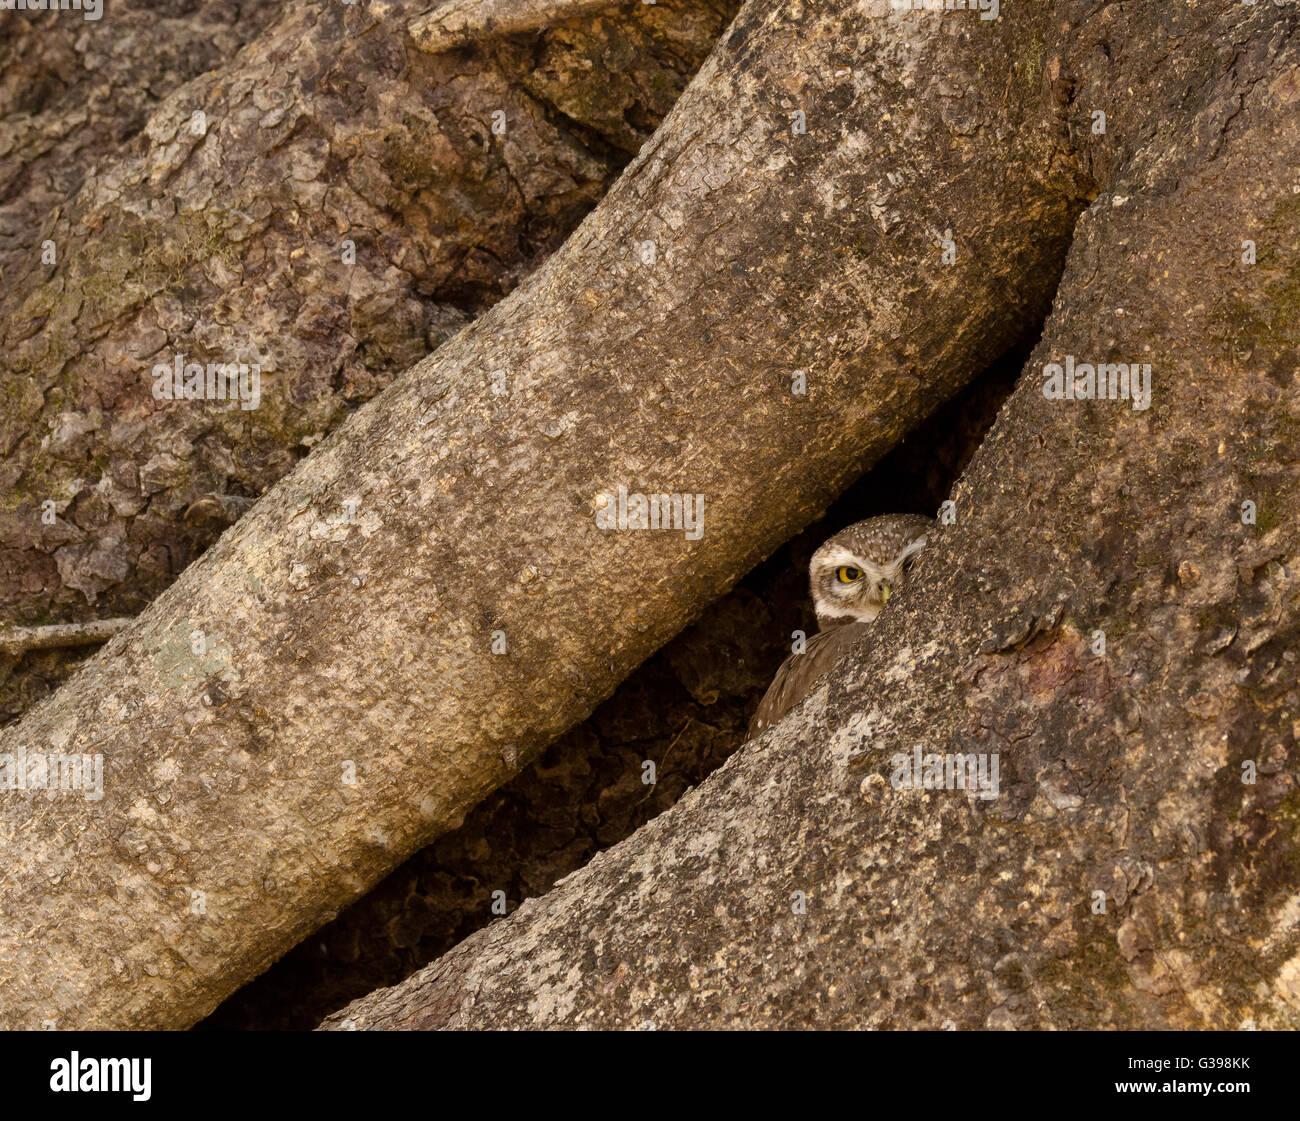 Playing hide n seek - Stock Image